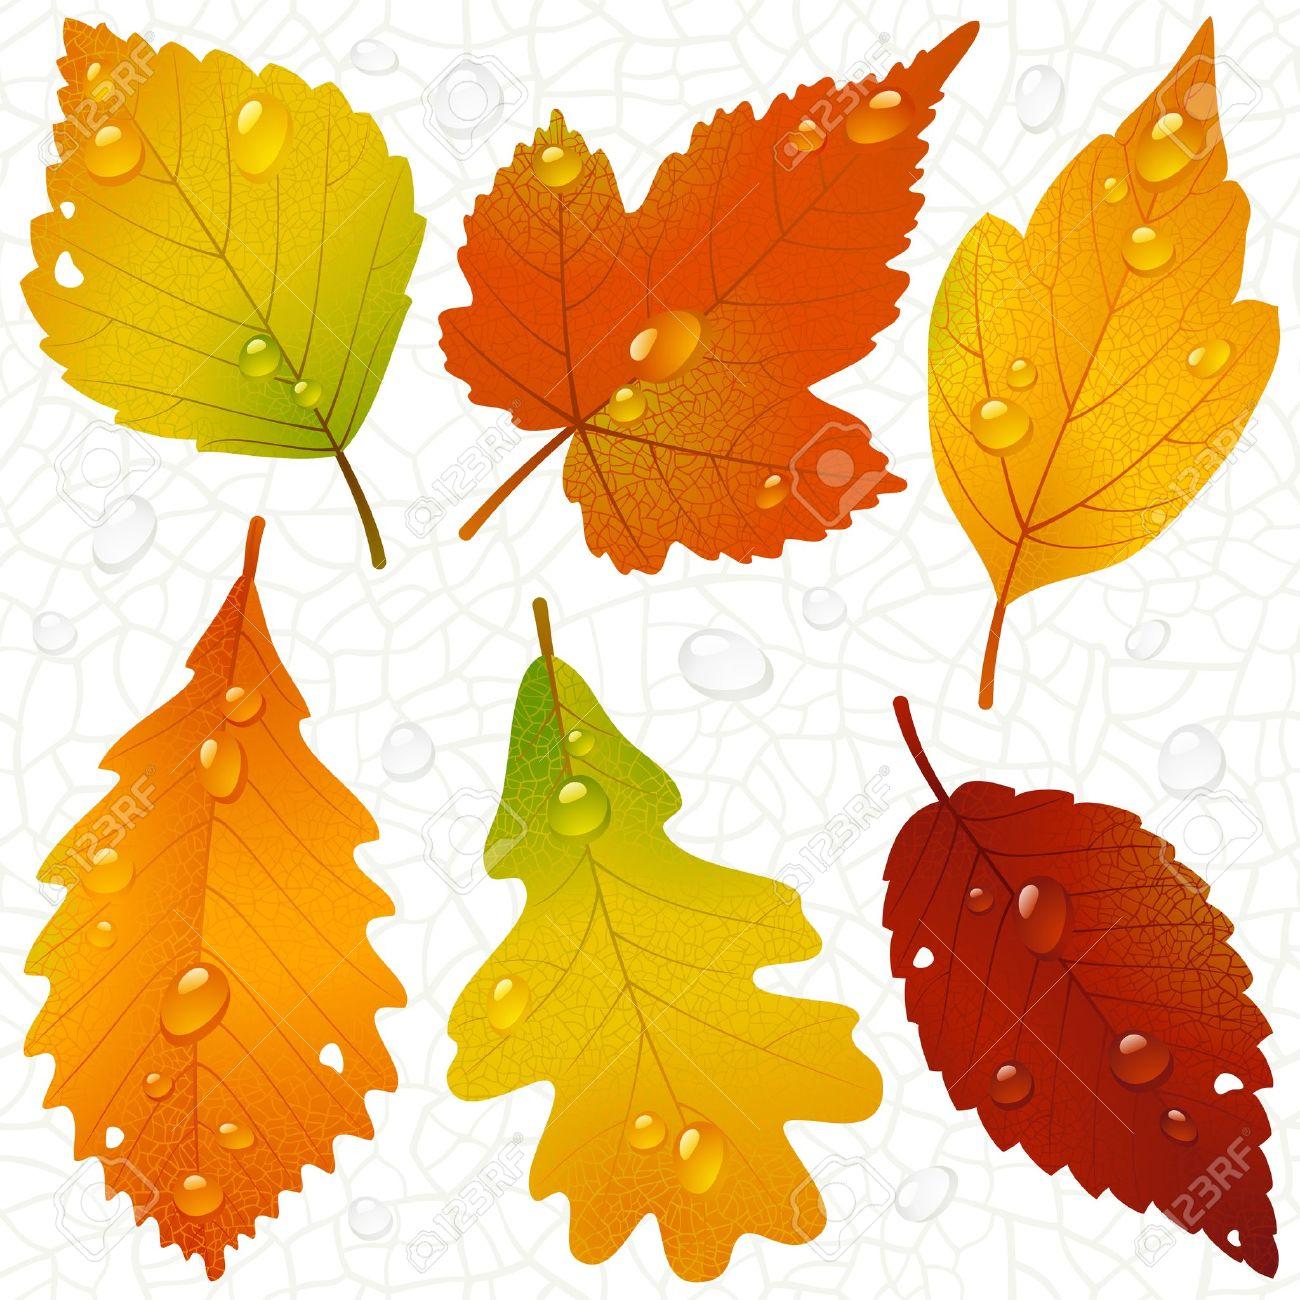 осенние листья картинки без фона